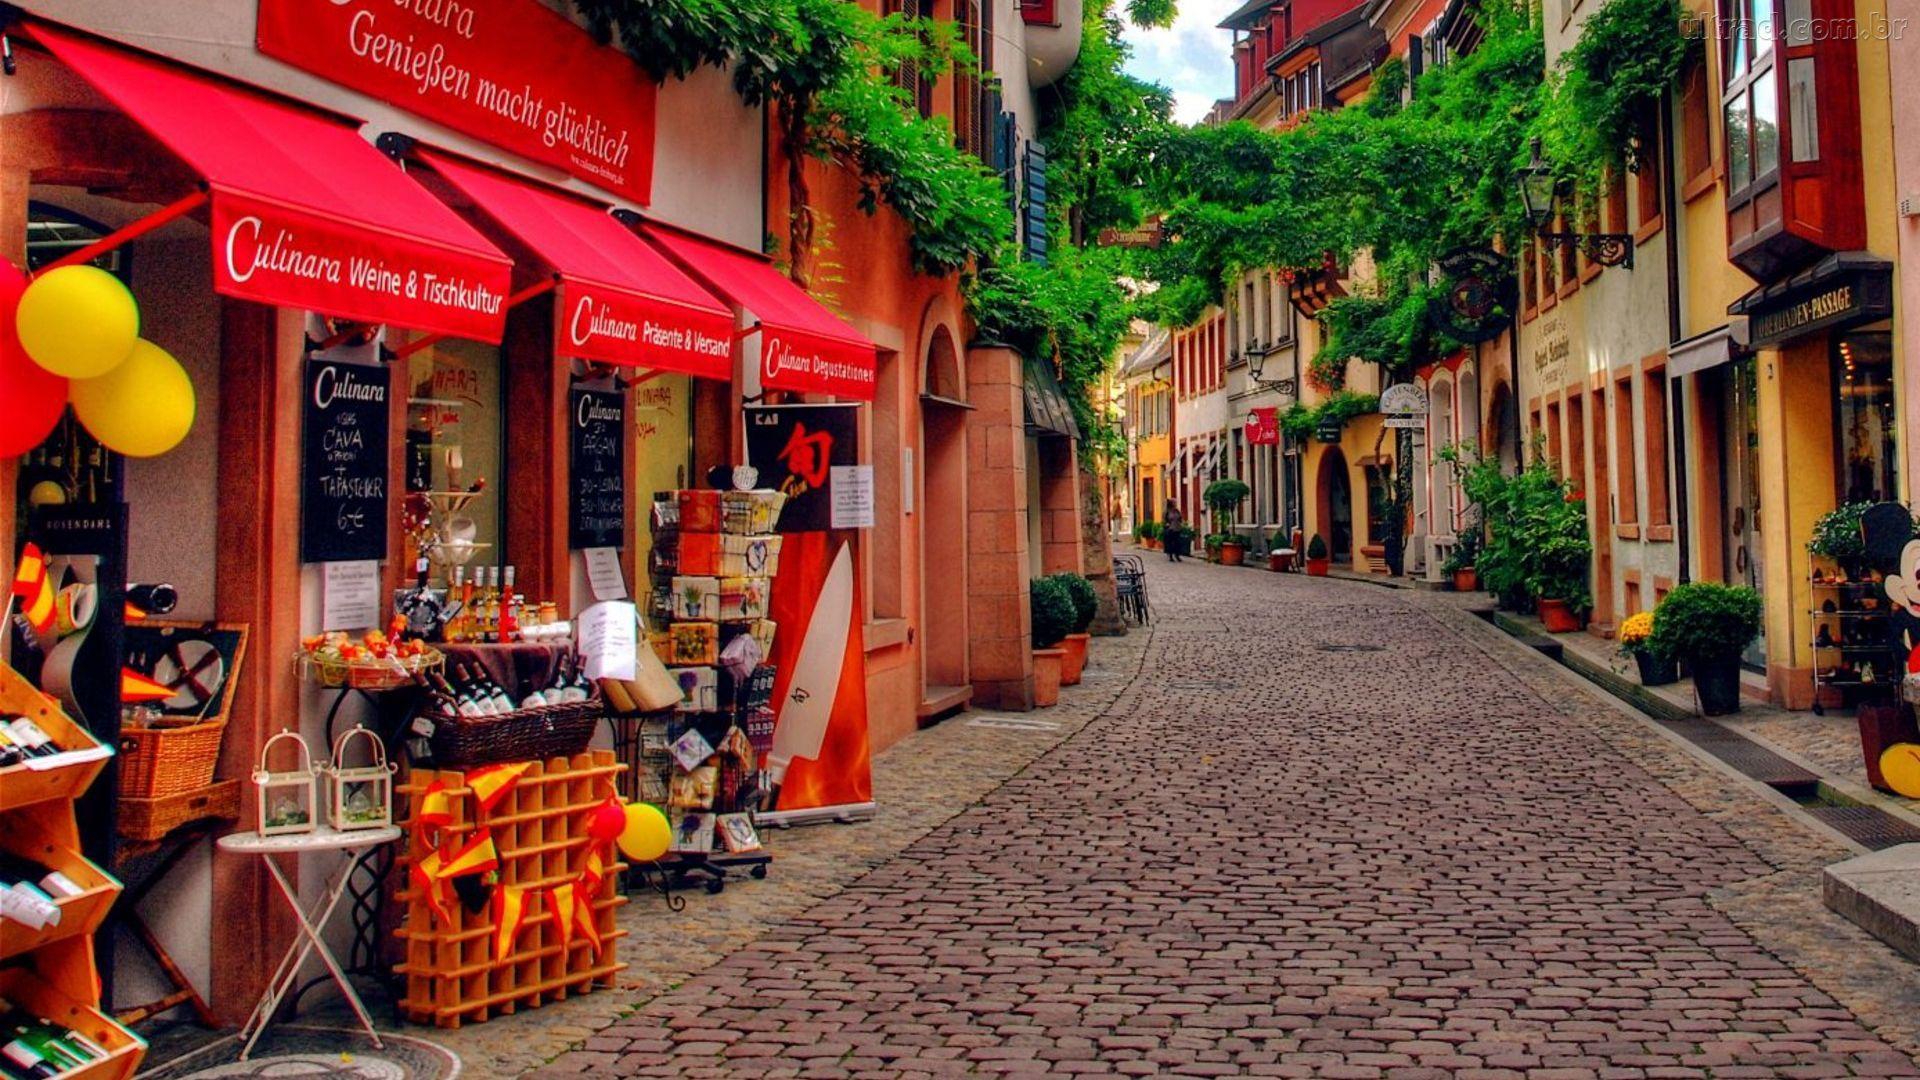 Beautiful Street   l o v e • t h y • neighborhood •°•   Pinterest ... for Morning City Street Wallpaper  11lplpg